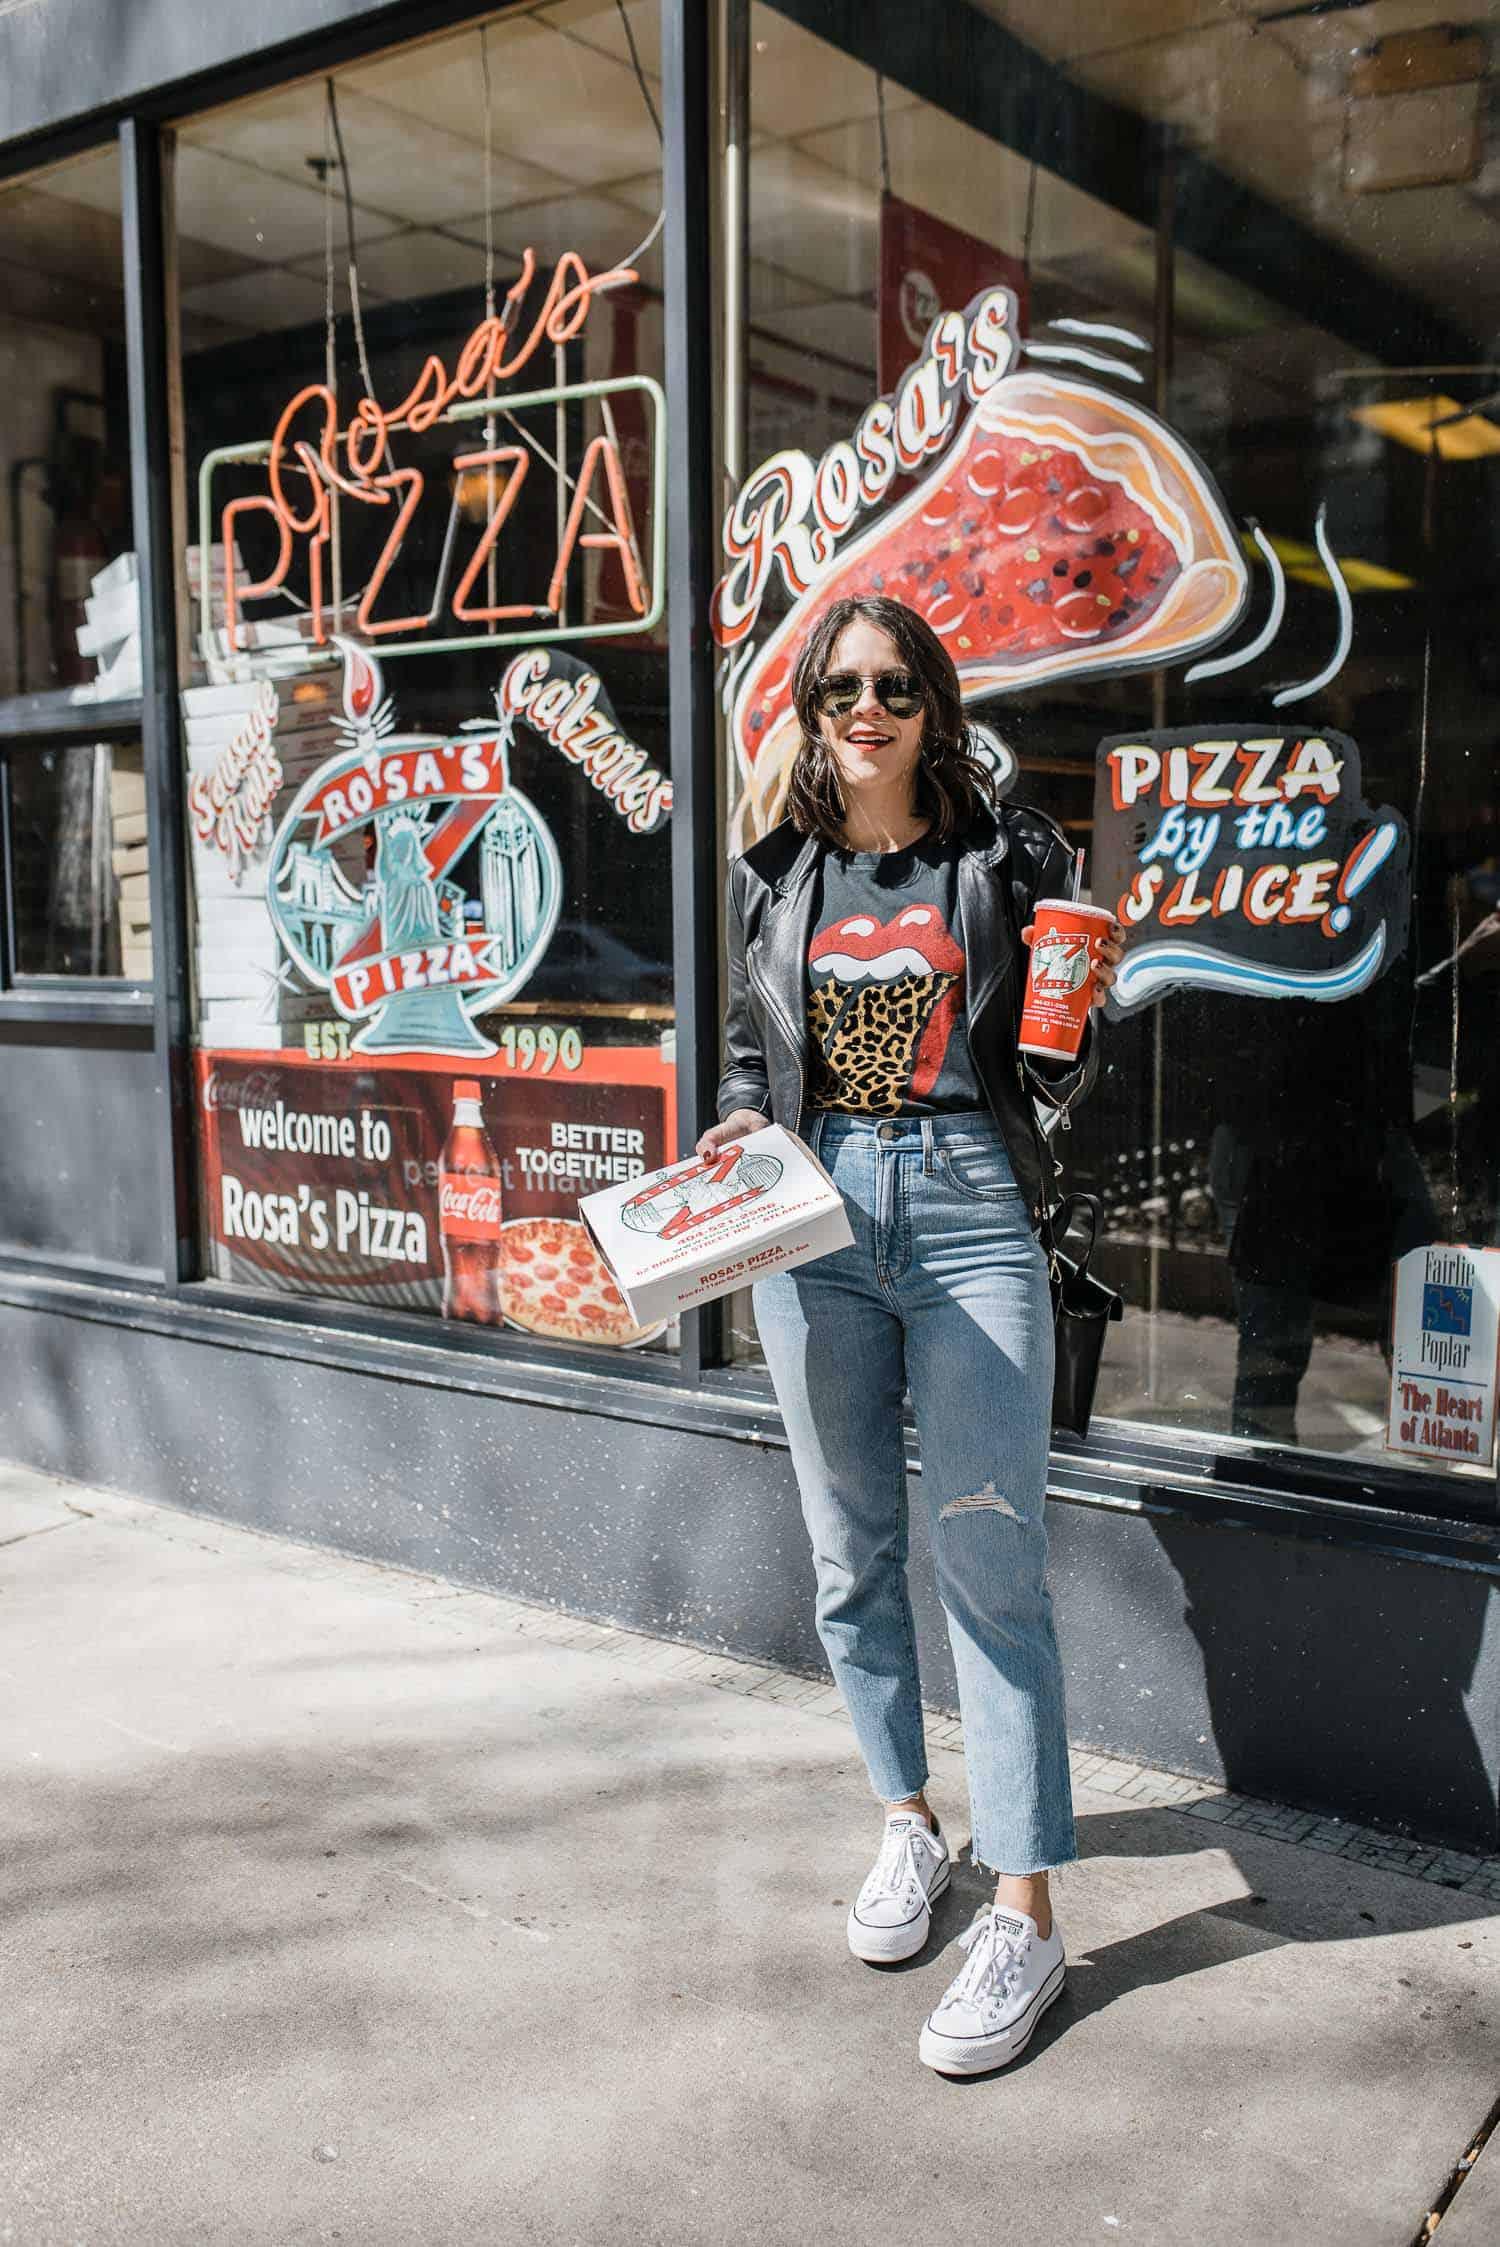 Getting pizza in Atlanta